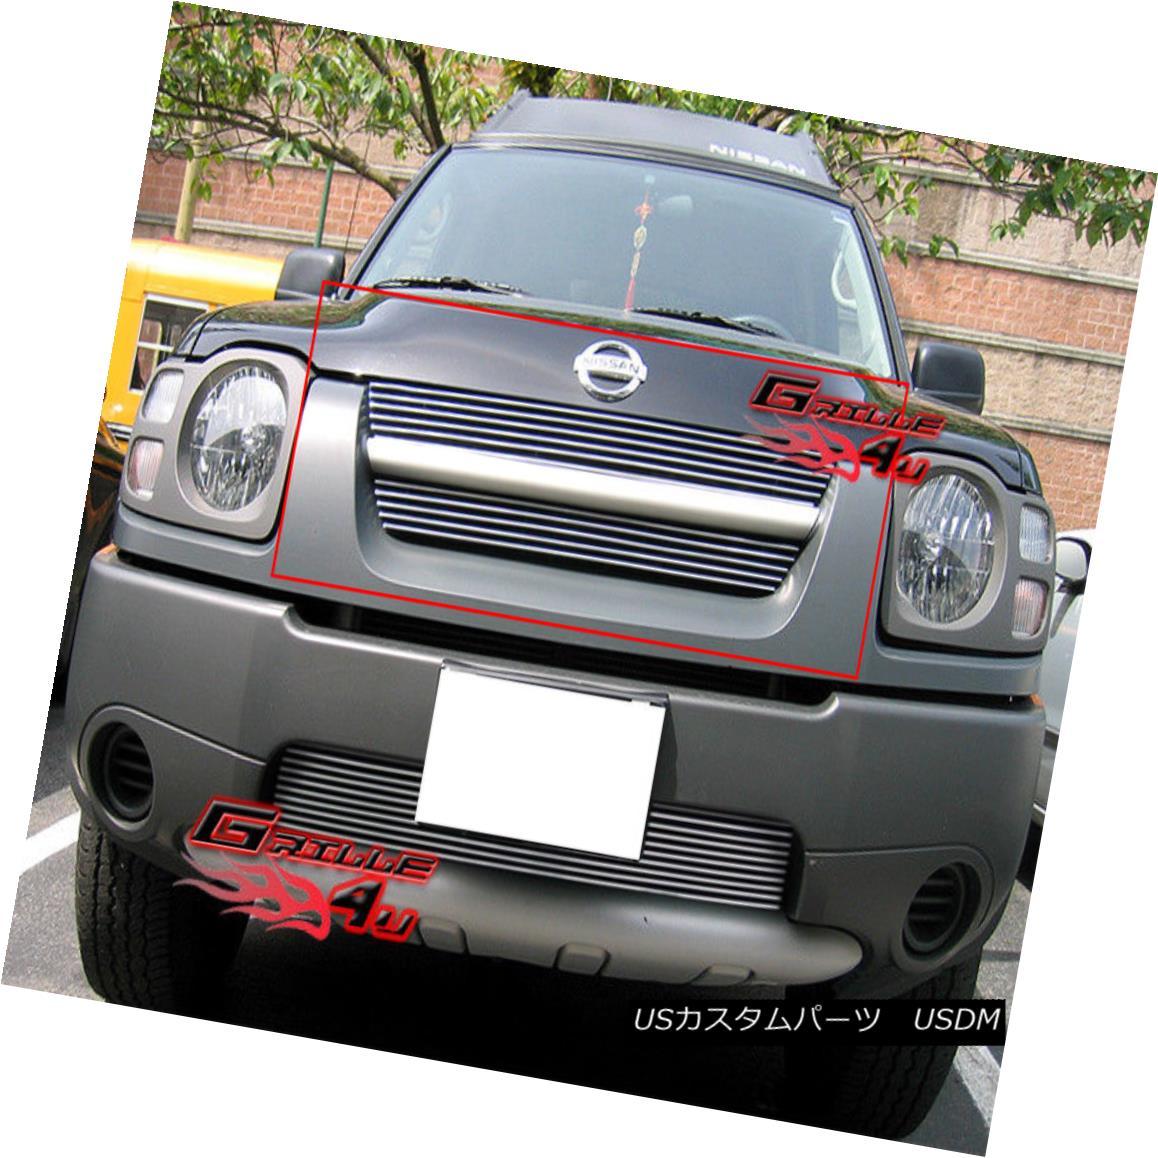 グリル Fits 2002-2004 Nissan Xterra Billet Grille Insert フィット2002-2004日産エクテラビレットグリルインサート